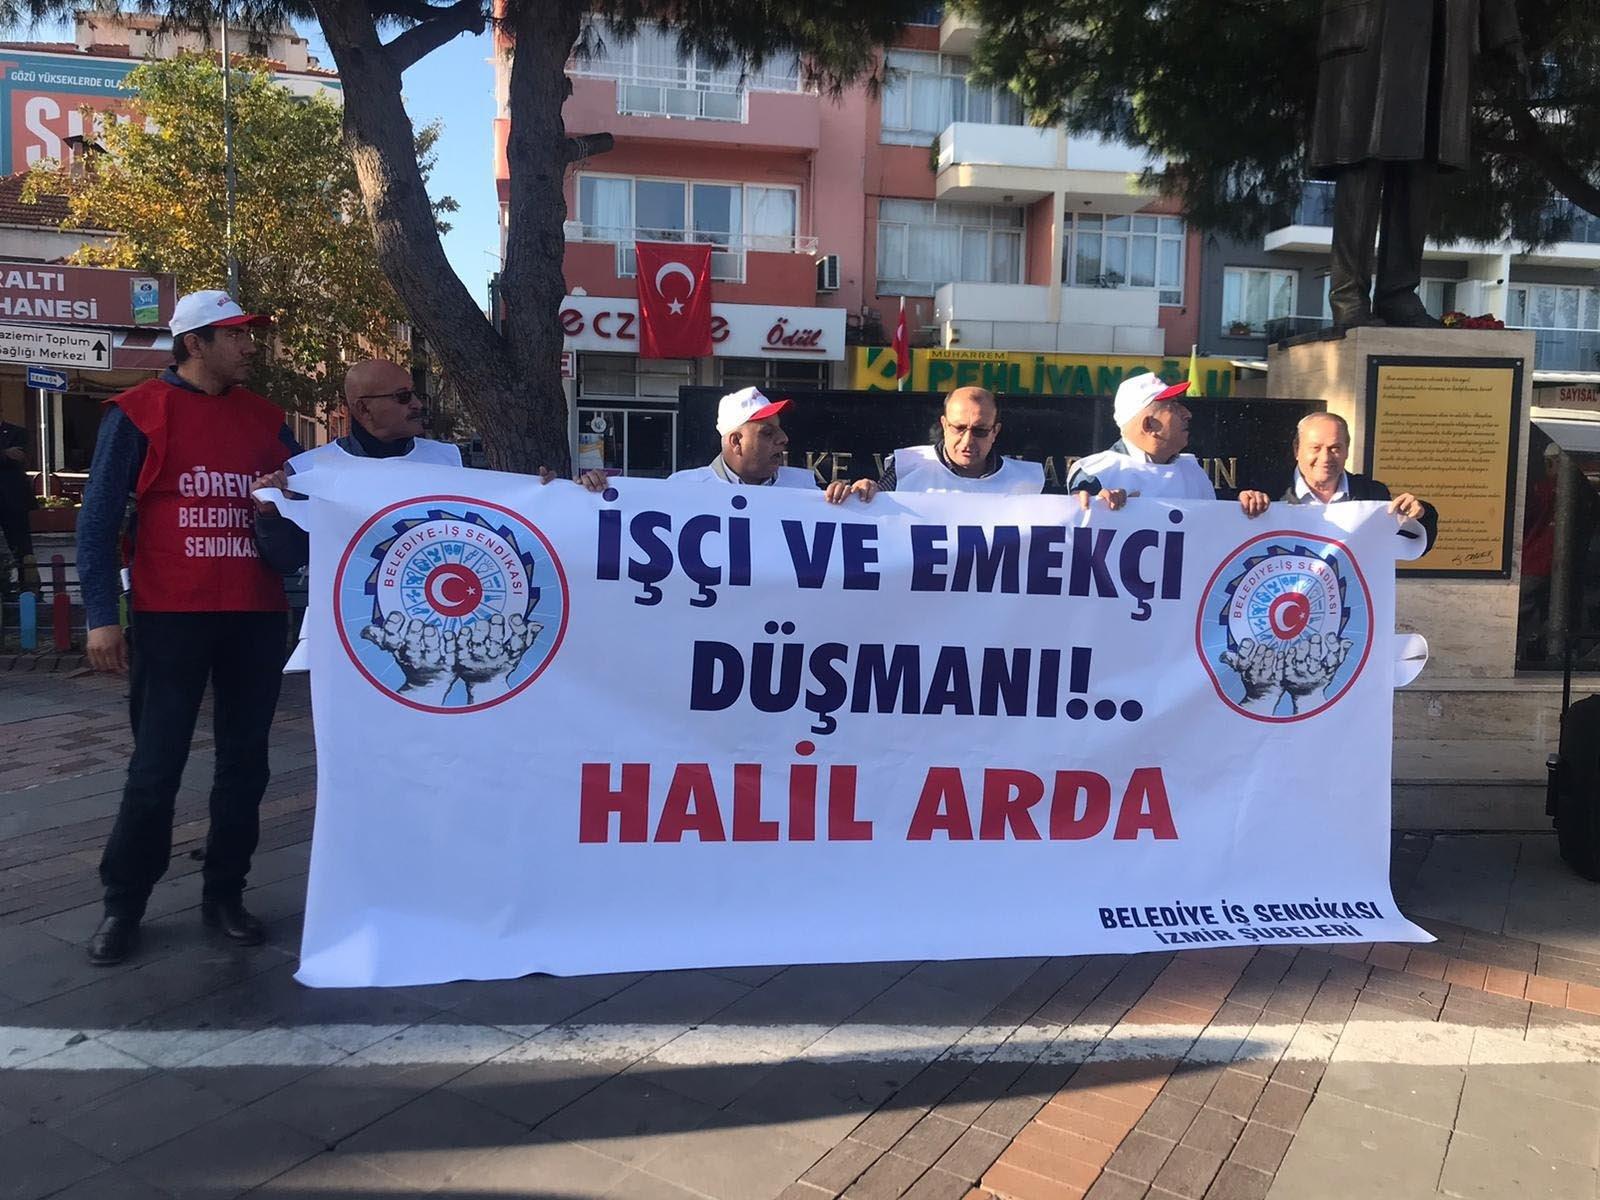 İzmir'de CHP'li Gaziemir Belediye Başkanı Halil Arda işçileri isyan ettirdi! Belediye binası önünde eylem yaptılar